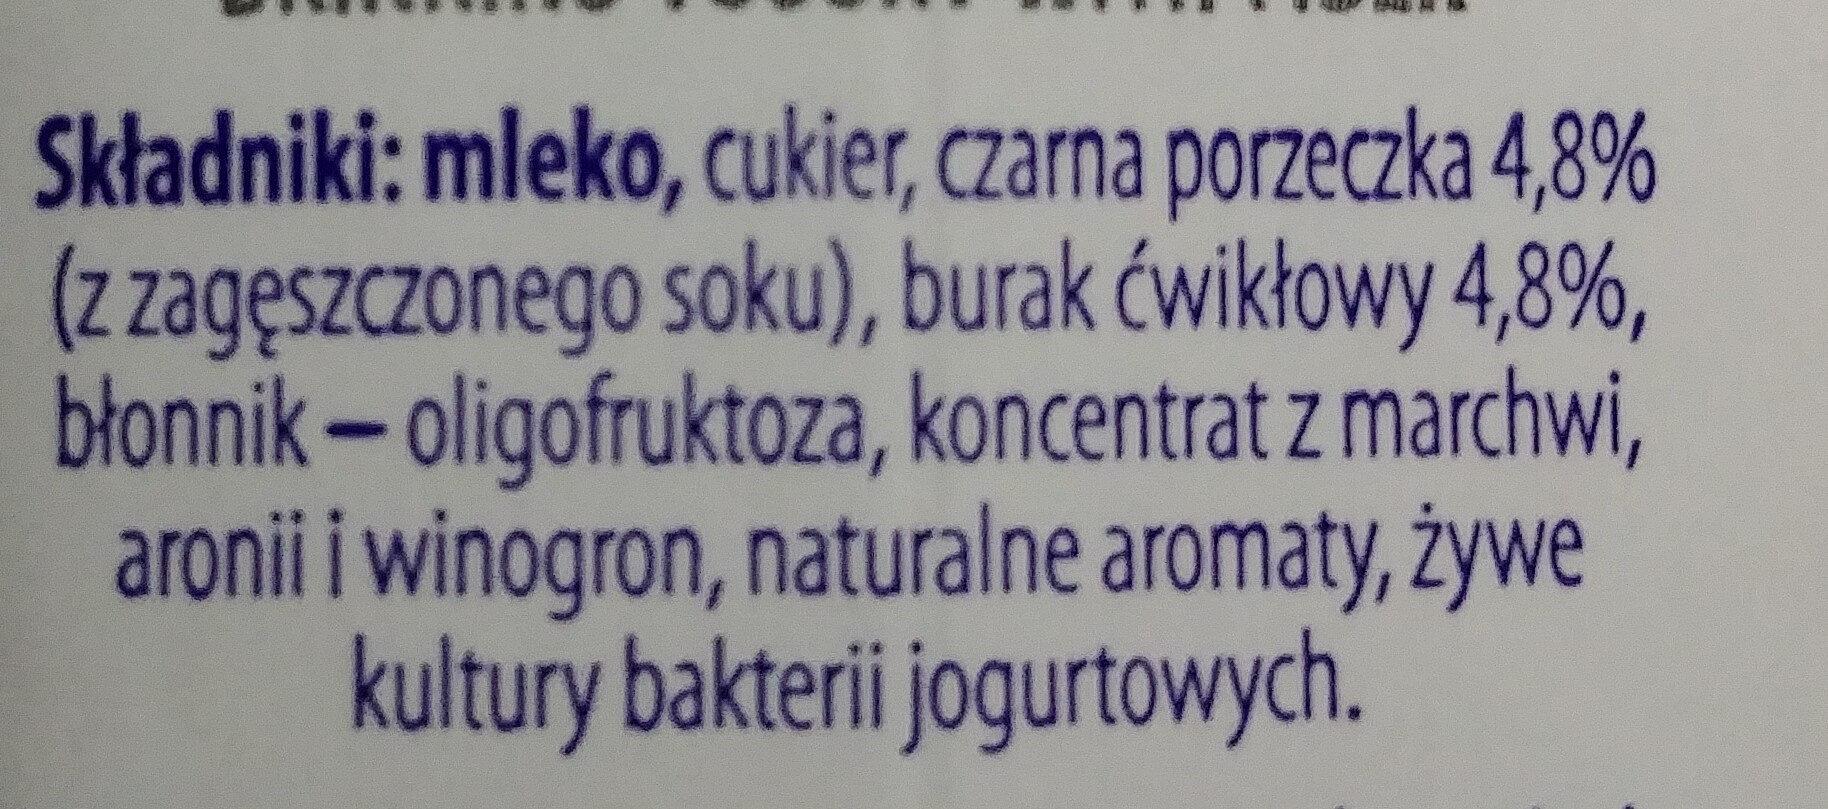 Jogurt pitny czarna porzeczka, burak z błonnikiem - Ingredients - pl